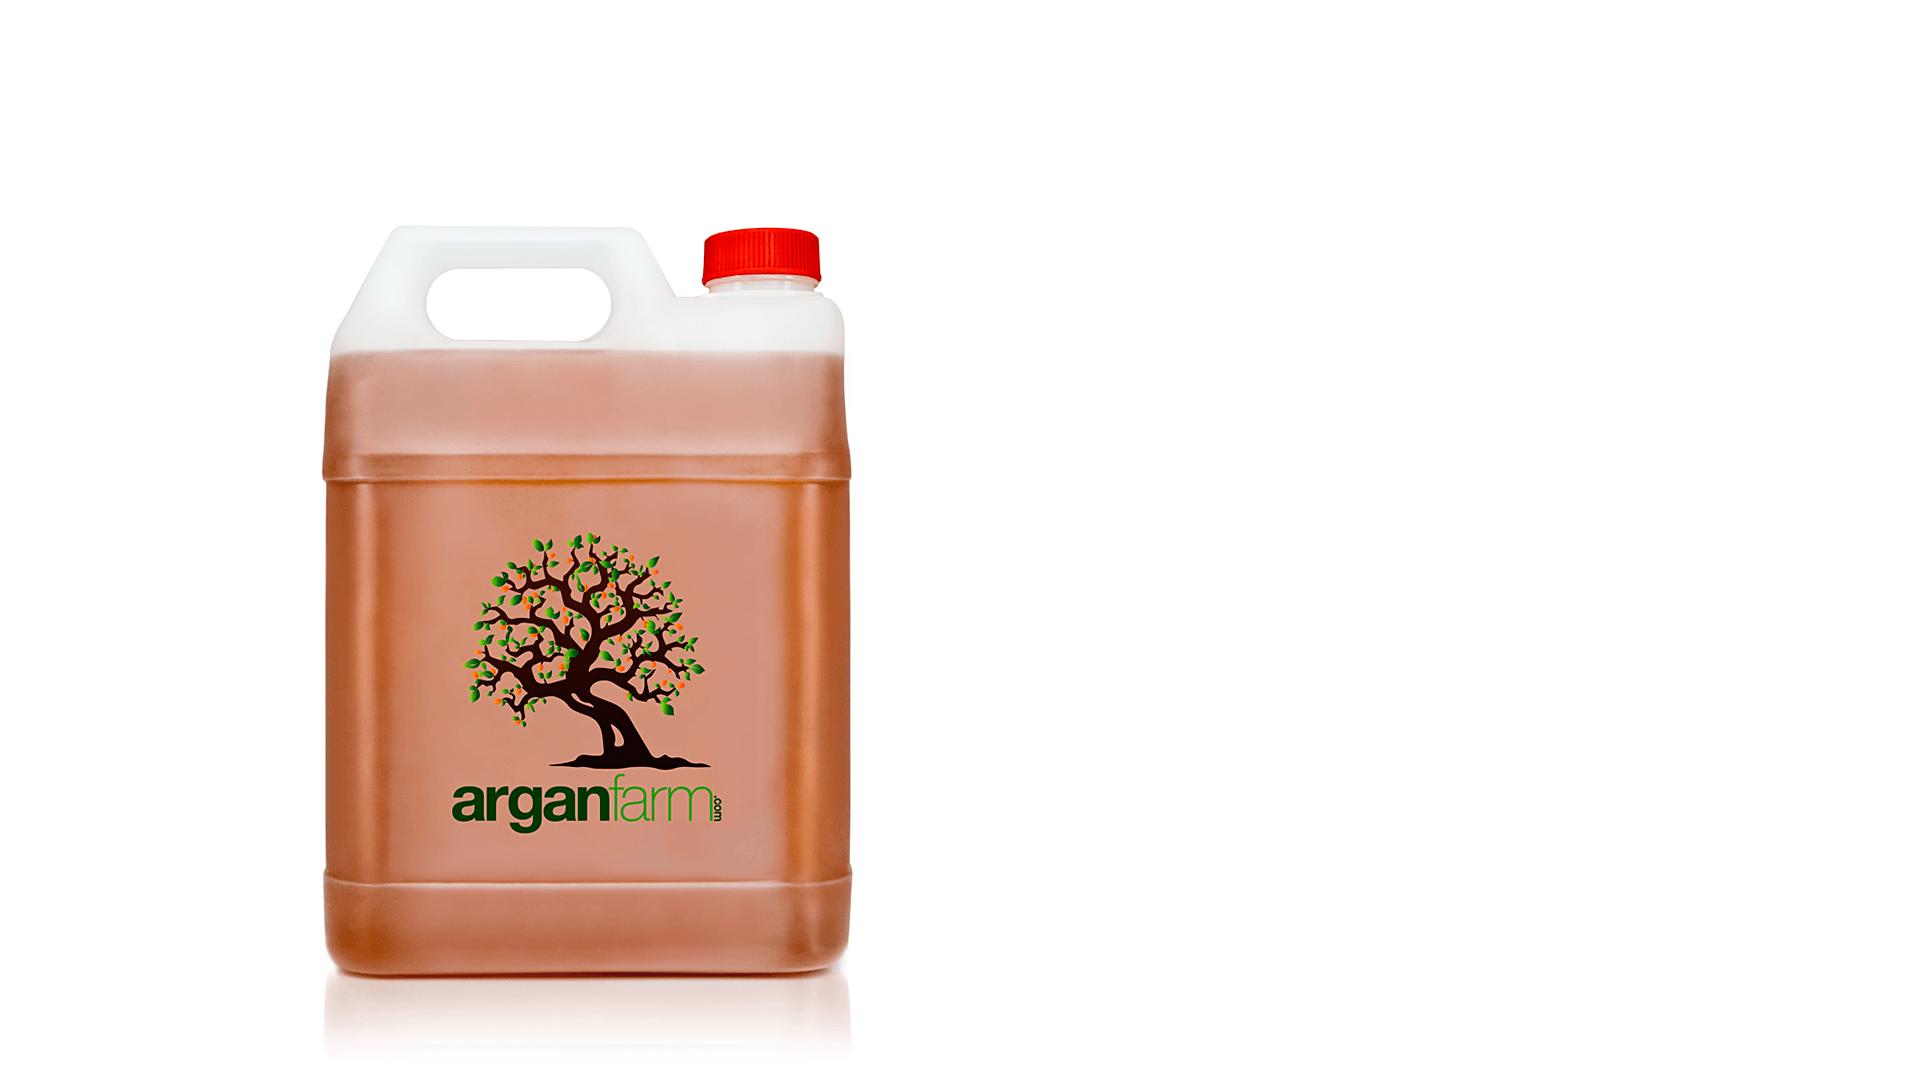 pure-argan-oil-wholesale-online